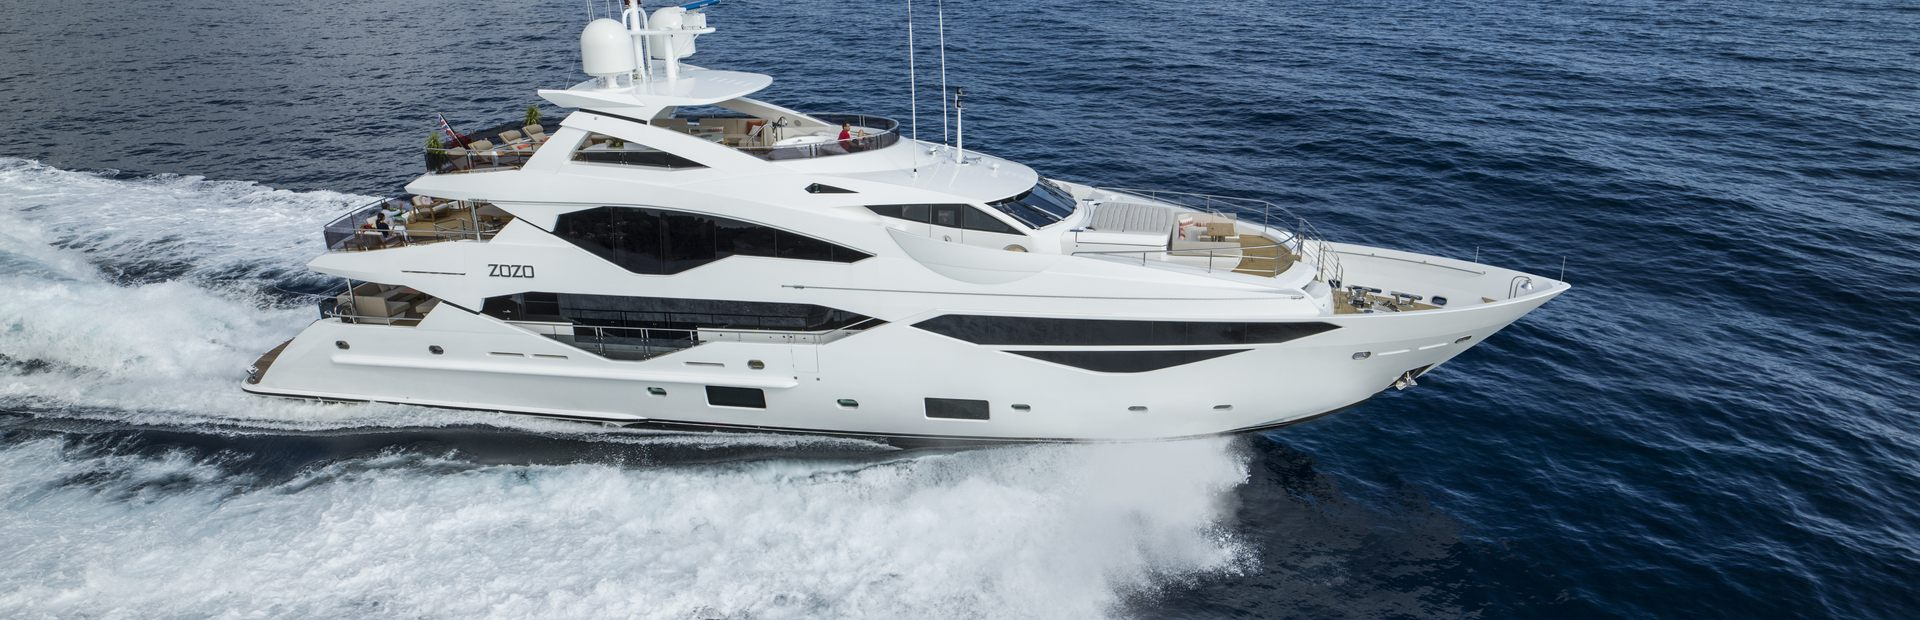 131 Yacht Yacht Charter